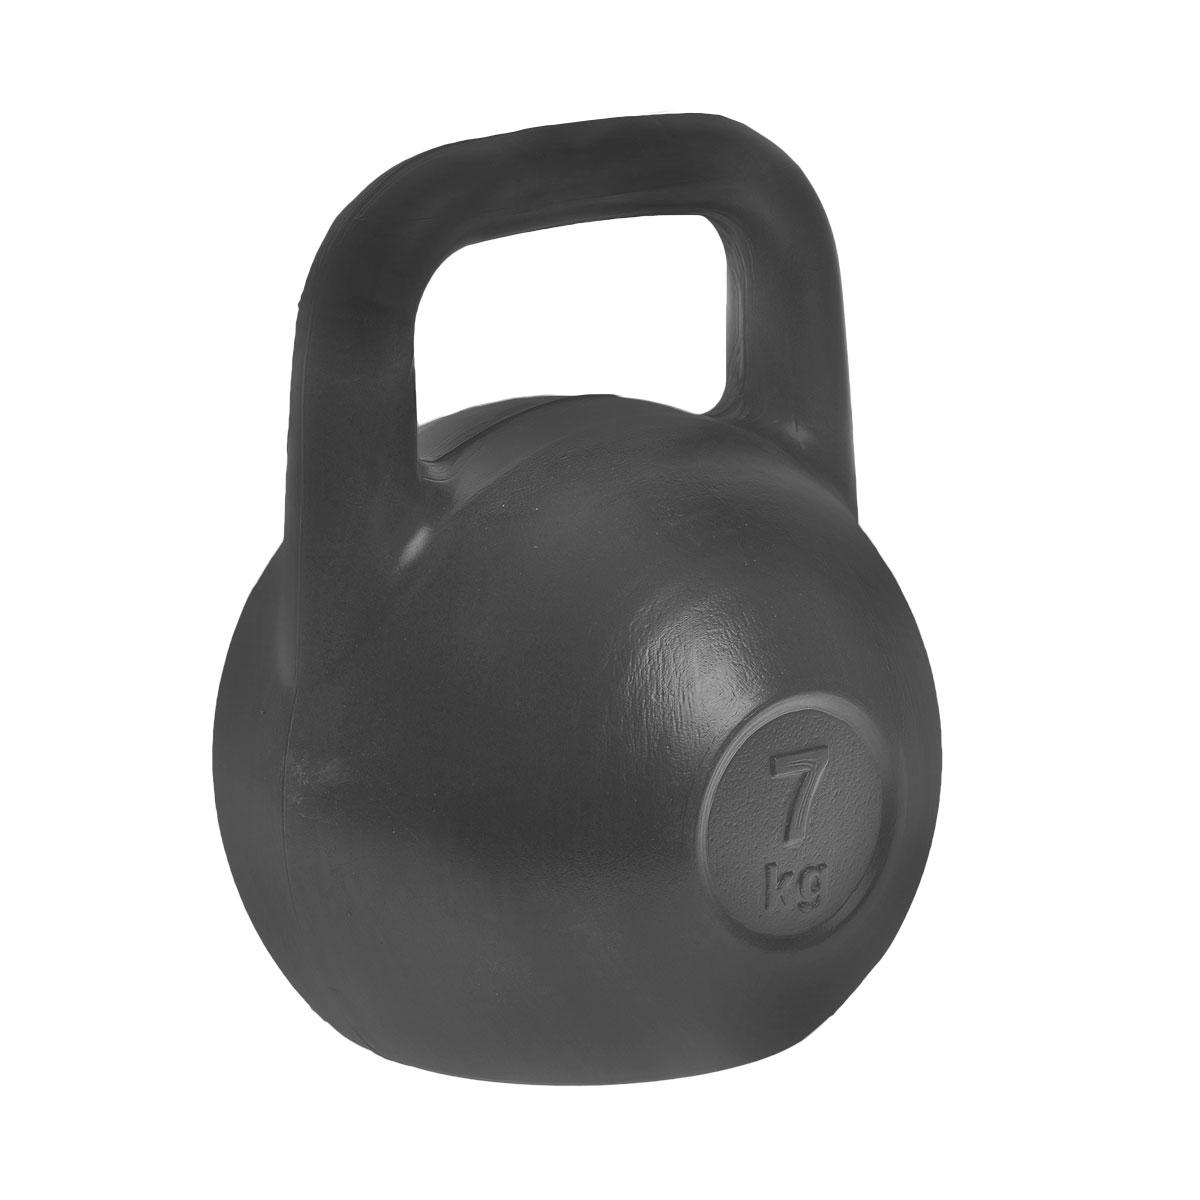 Гиря Евро-Классик, цвет: черный, 7 кгSF 0085Гиря Евро-Классик выполнена из прочного пластика с наполнителем из цемента. Эргономичная рукоятка не скользит в руке, обеспечивая надежный хват. Специальная конструкция гири значительно уменьшает риск получения спортсменом травмы.Гири - это самое простое и самое гениальное спортивное оборудование для развития мышечной массы. Правильно поставленные тренировки с ними позволяют не только нарастить мышечную массу, но и развить повышенную выносливость, укрепляют сердечнососудистую систему и костно-мышечный аппарат.Вес гири: 7 кг.